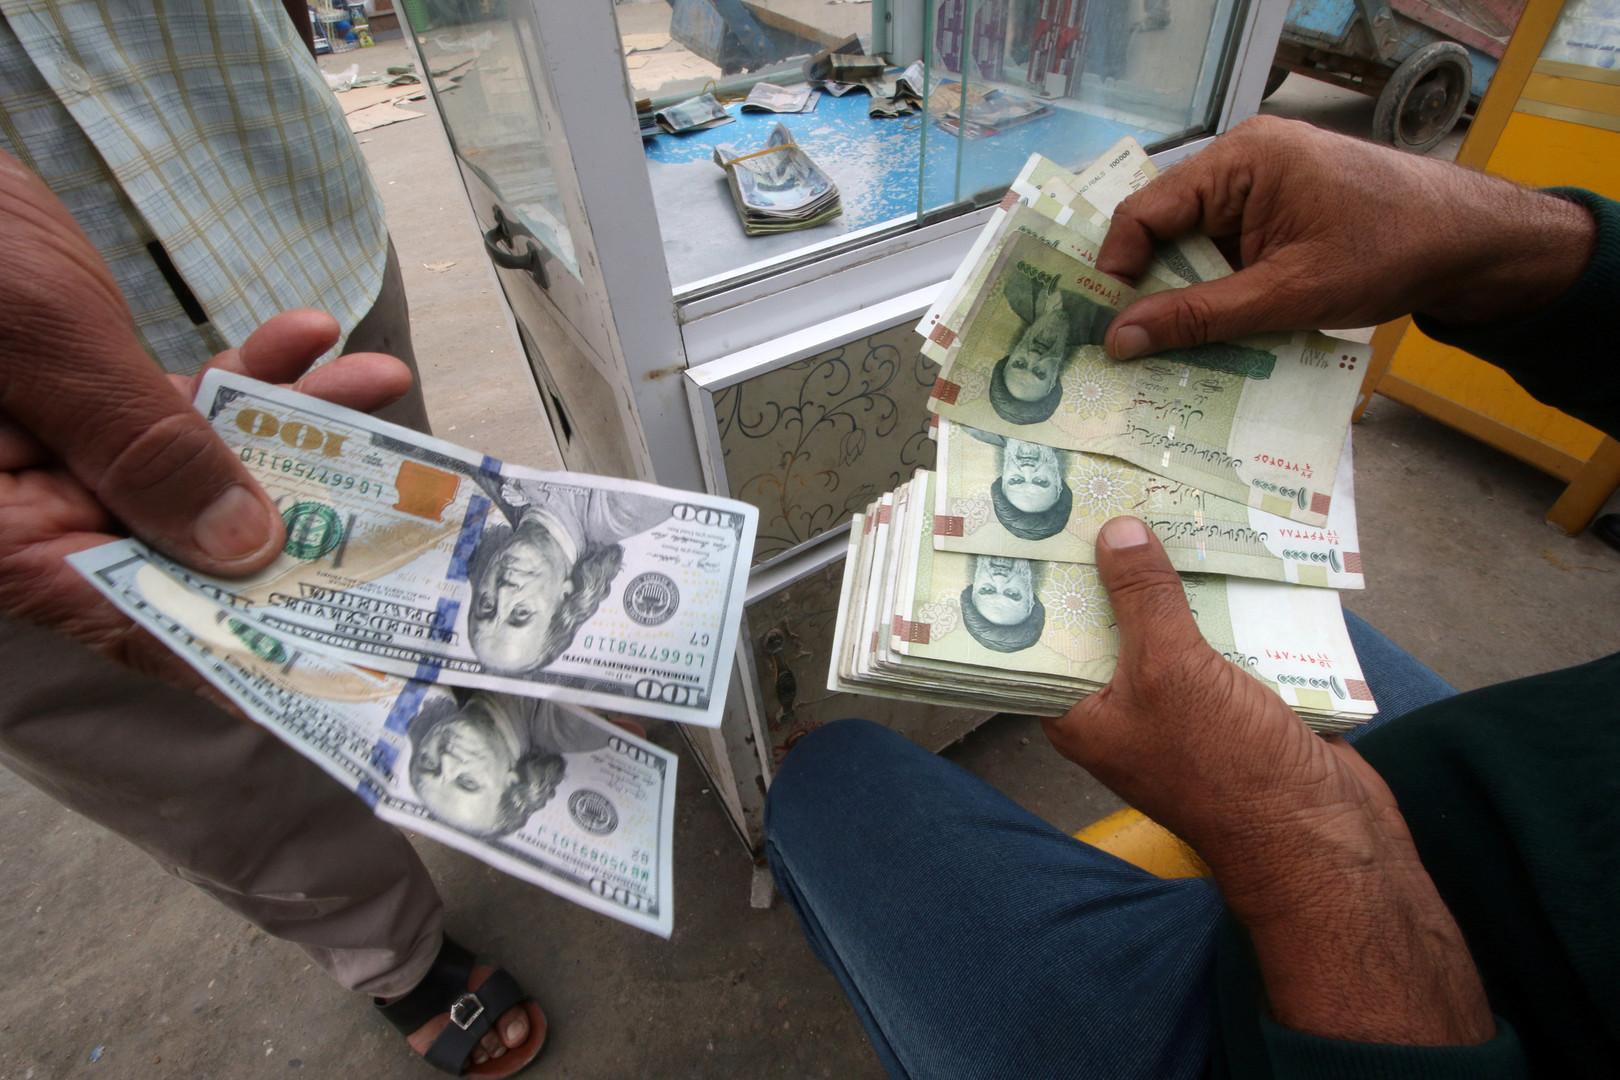 انخفاض الريال الإيراني بعد تشديد واشنطن قيودها على طهران